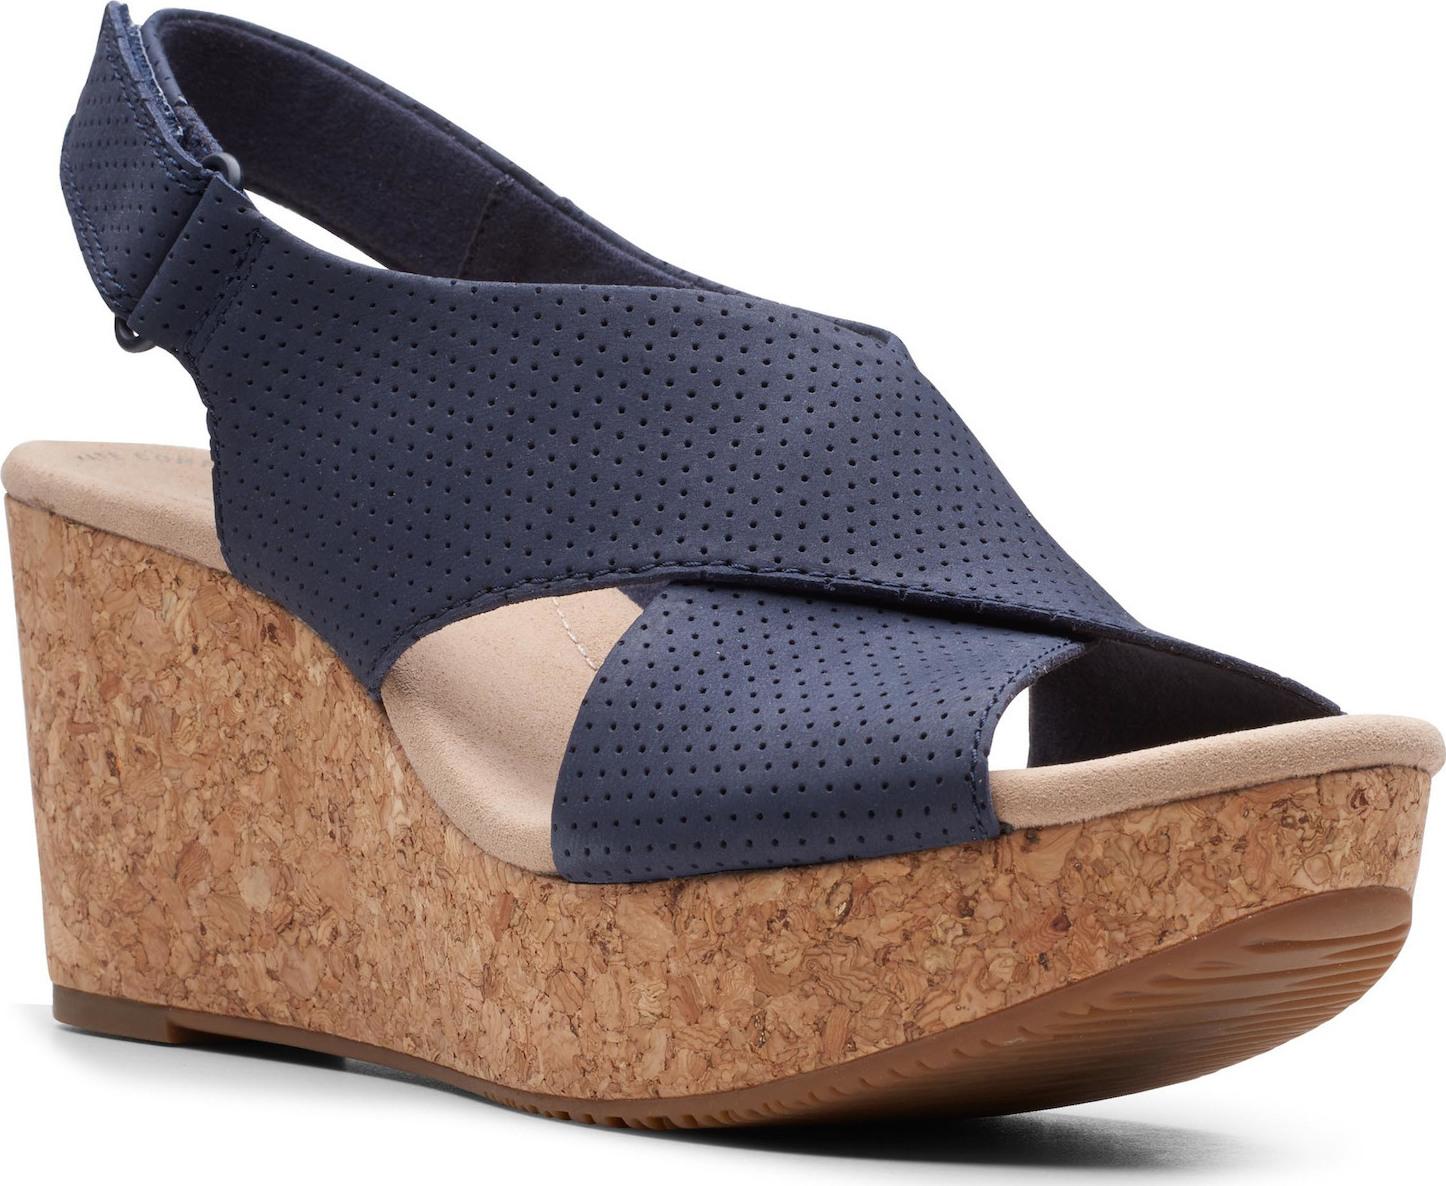 Ανατομικά Παπούτσια Clarks Annadel Parker 26150564 Blue